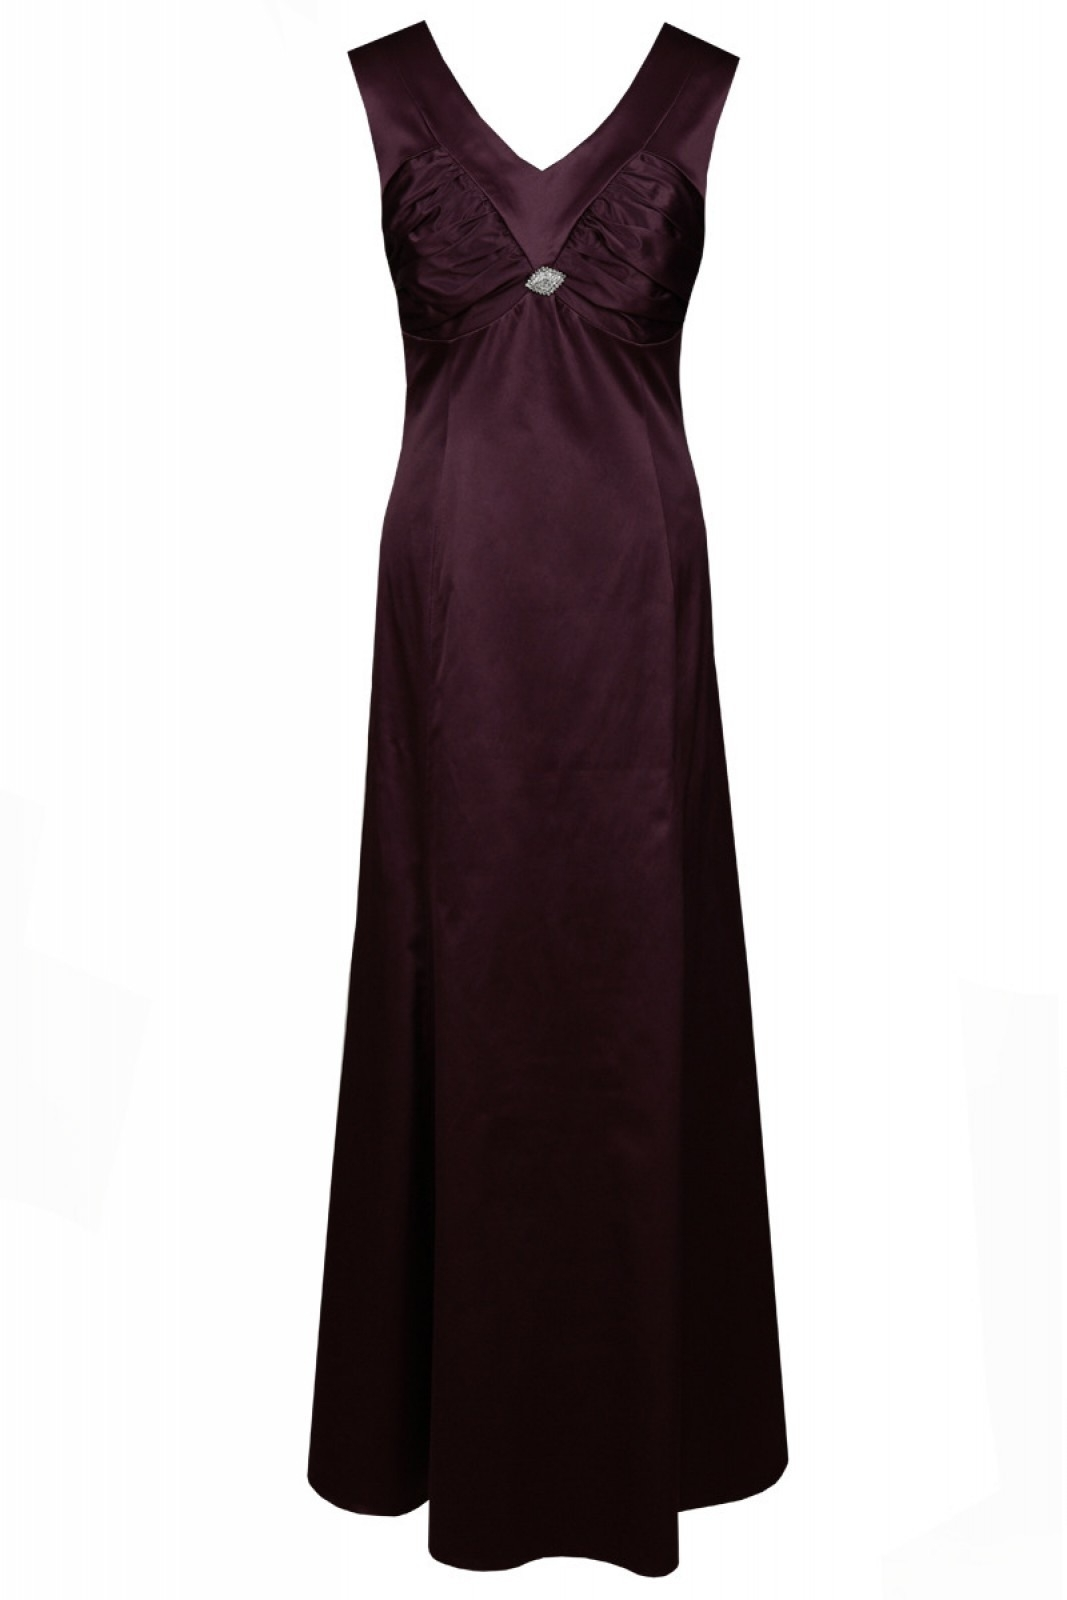 10 Coolste Abendkleid Schlicht Kurz VertriebAbend Top Abendkleid Schlicht Kurz Stylish